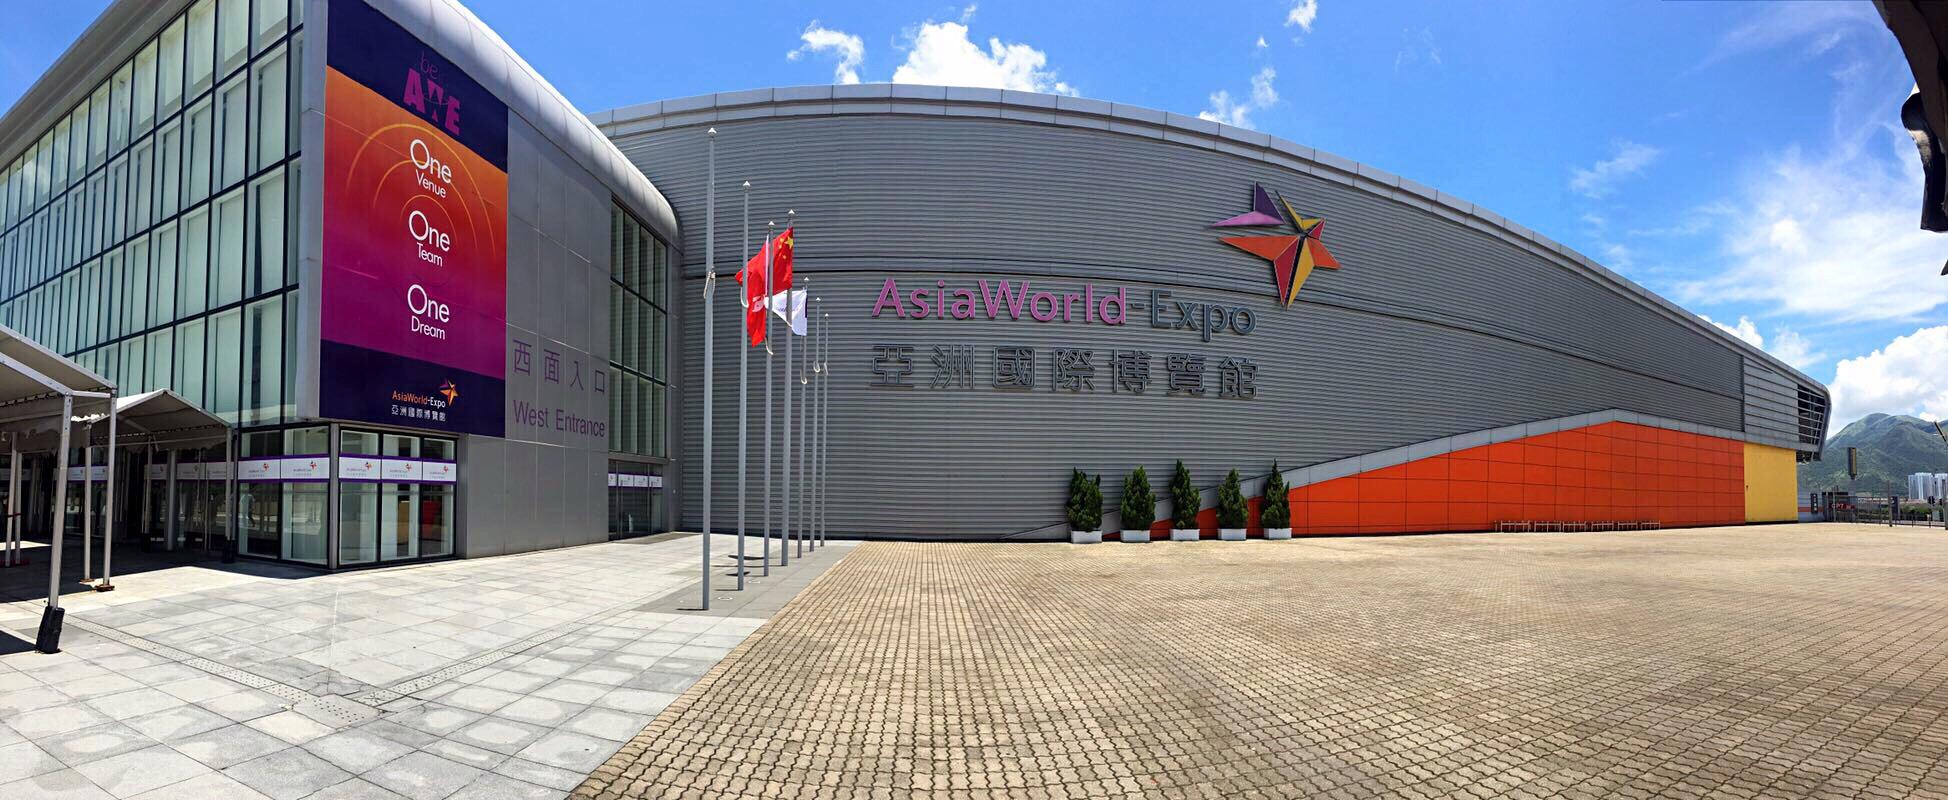 亚洲国际博览馆_亚洲国际博览馆